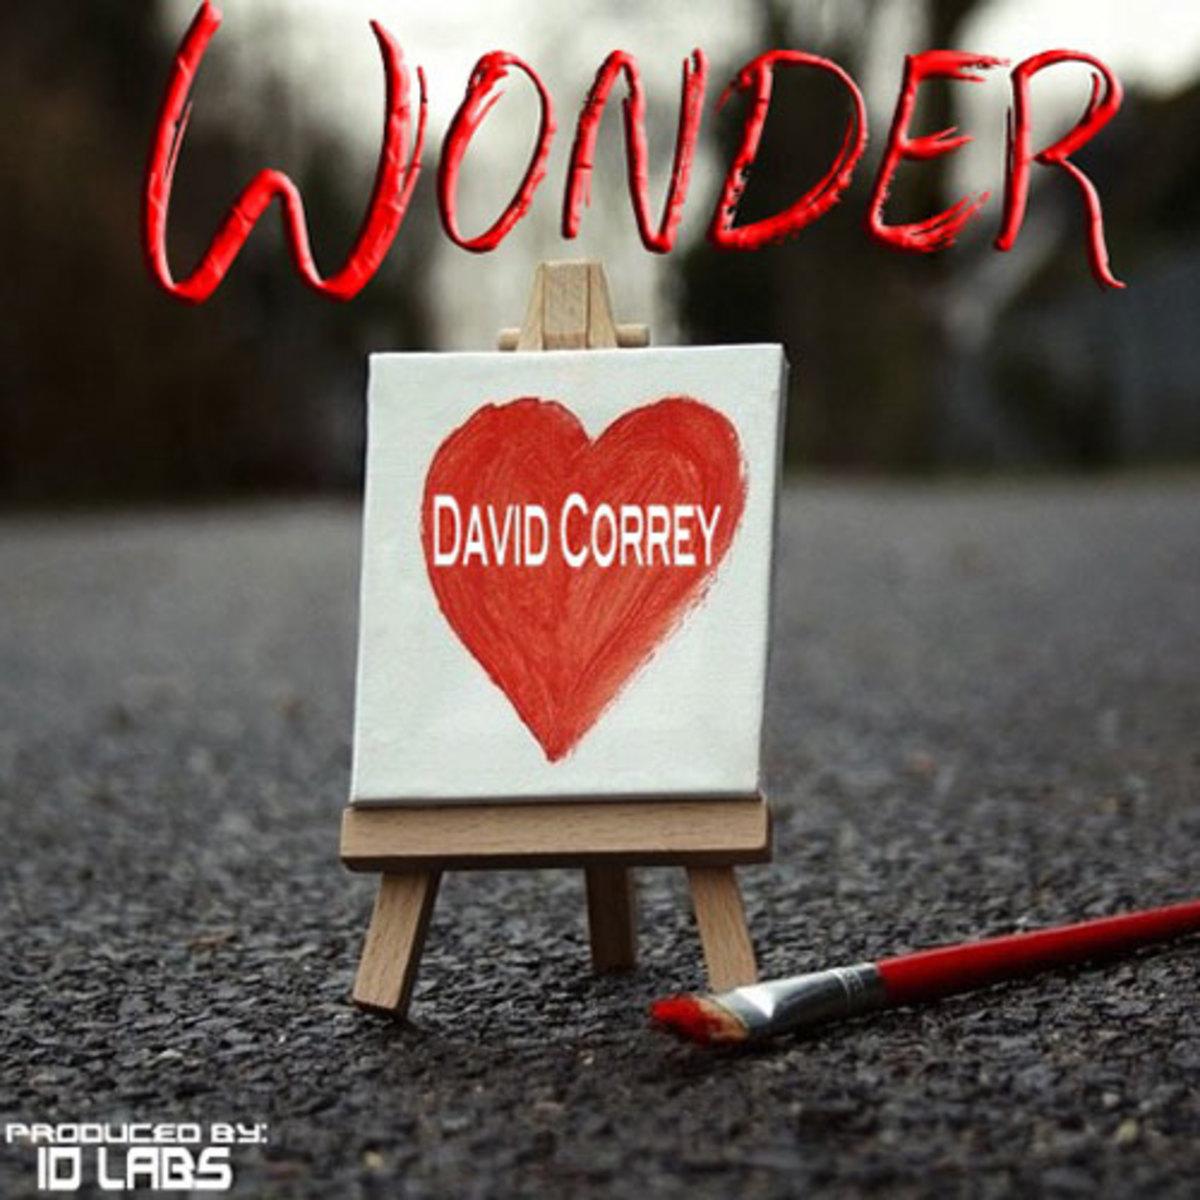 davidcorrey-wonder.jpg